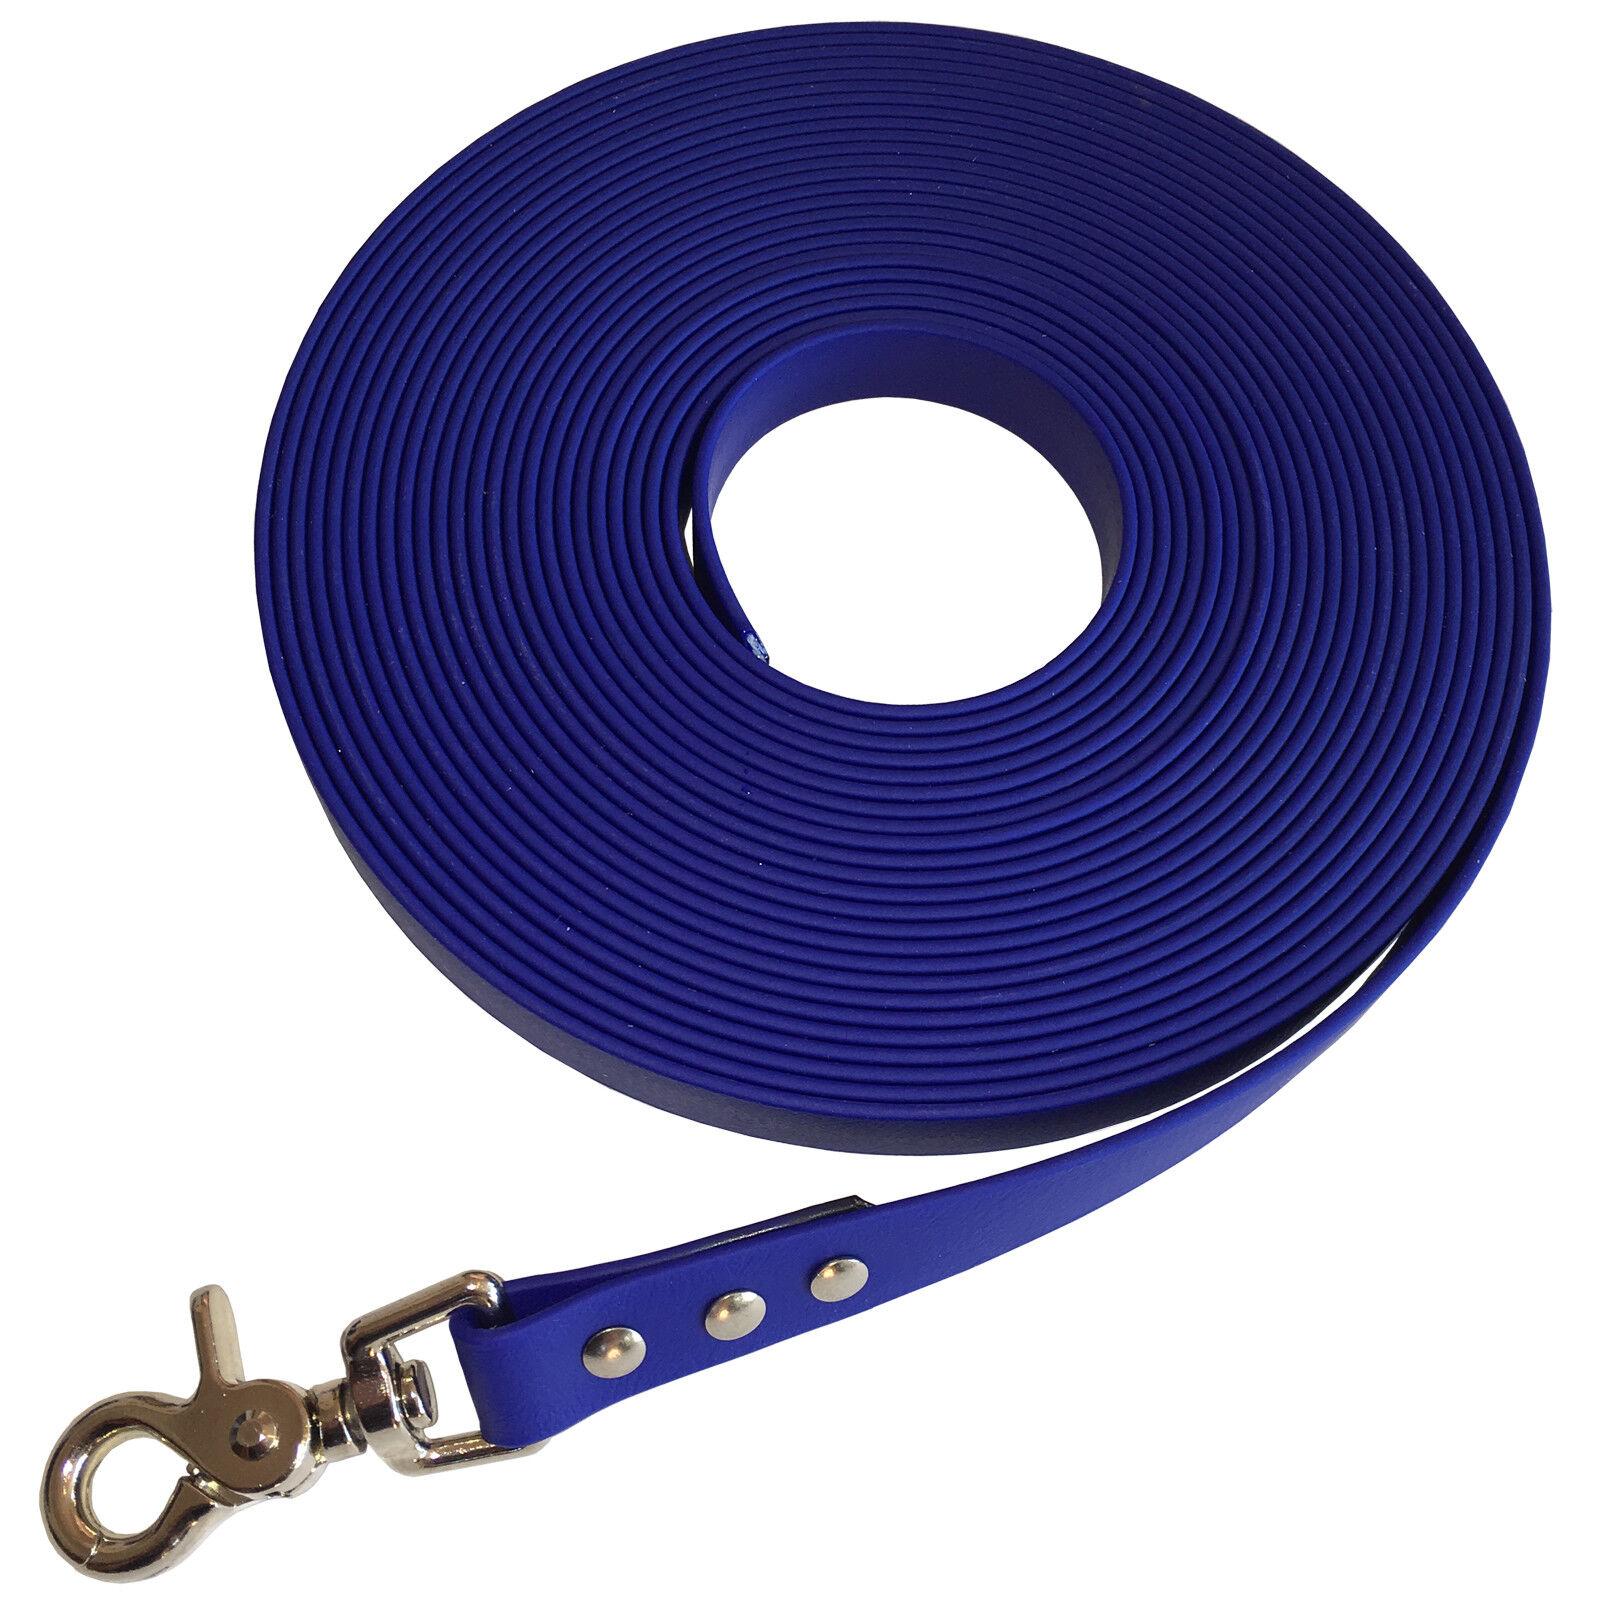 NEU BIOTHANE 19mm Schleppleine Fährtenleine Schweissleine 10m blau    | Mittlere Kosten  bc824f